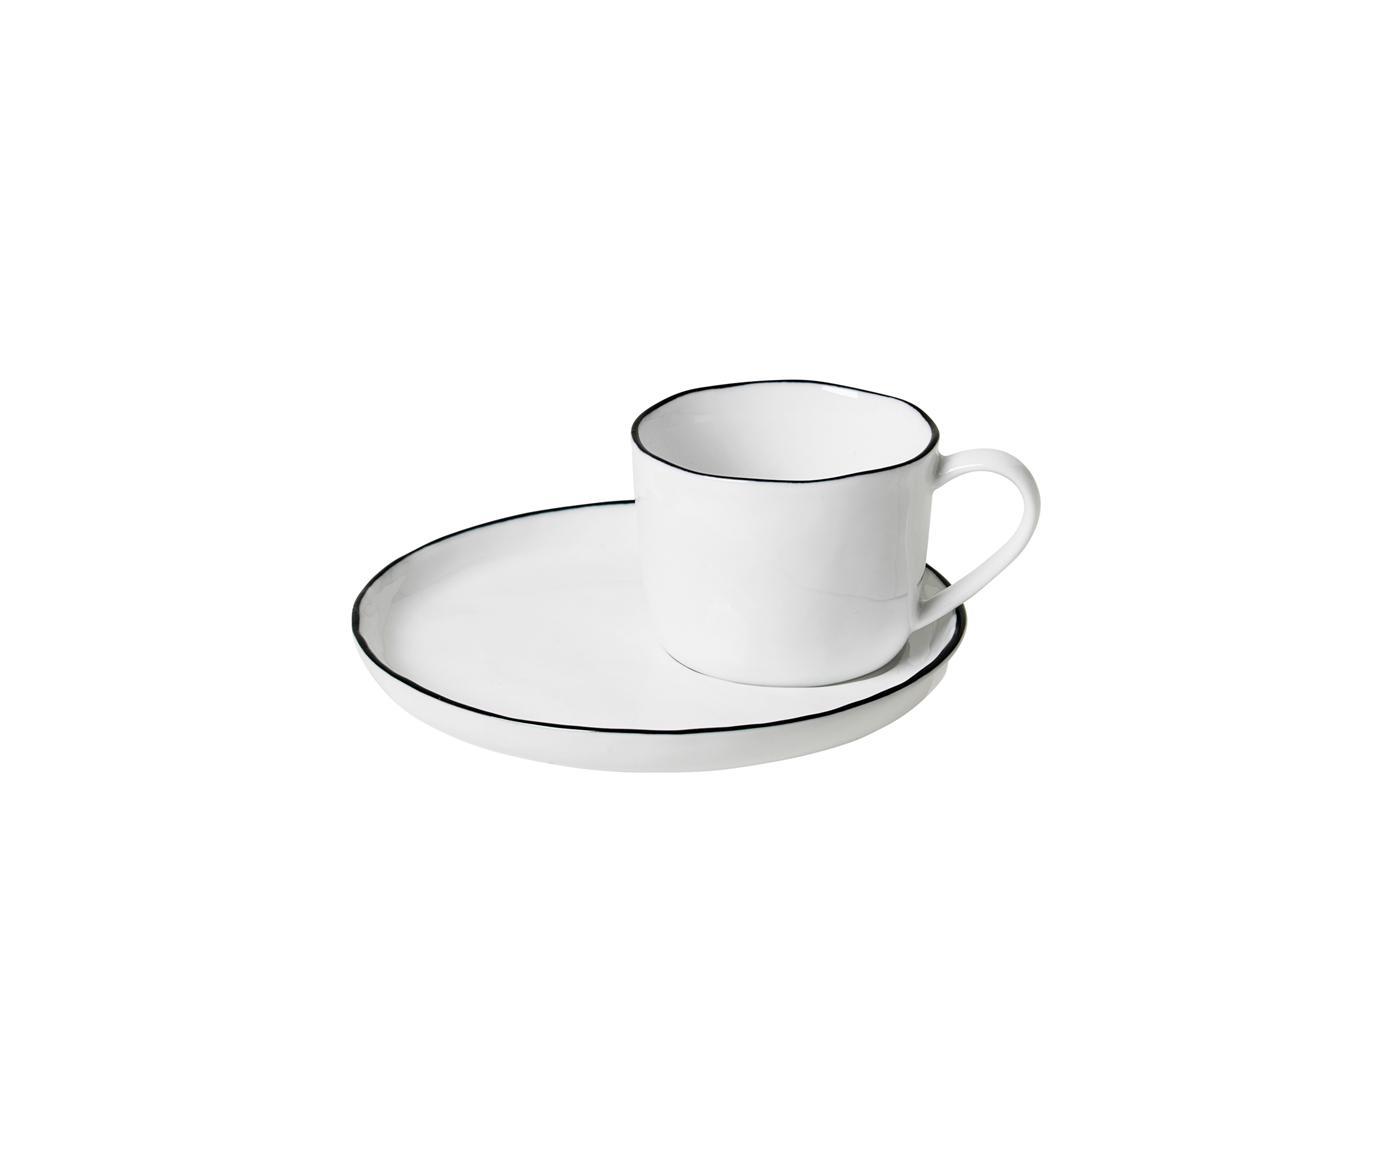 Handgemachte Espressotasse mit Untertasse Salt, Porzellan, Gebrochenes Weiß<br>Rand: Schwarz, Ø 6 x H 5 cm